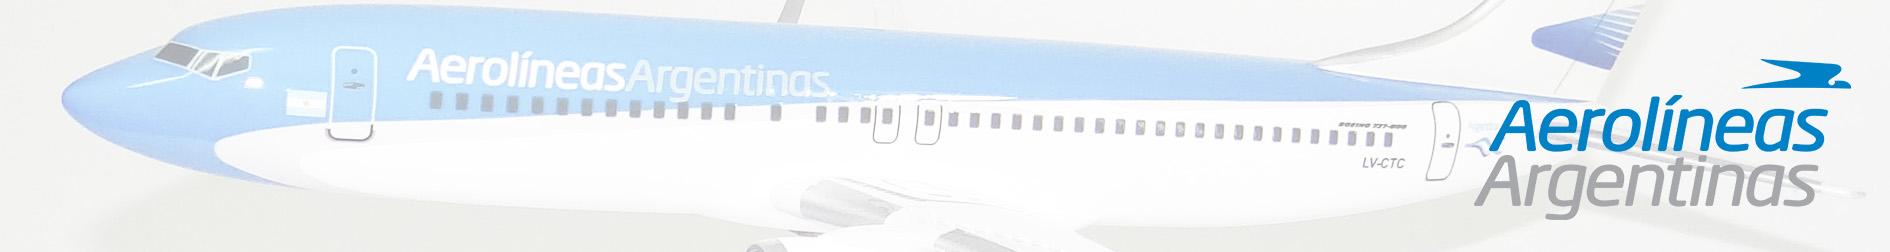 aerolineasarg.jpg